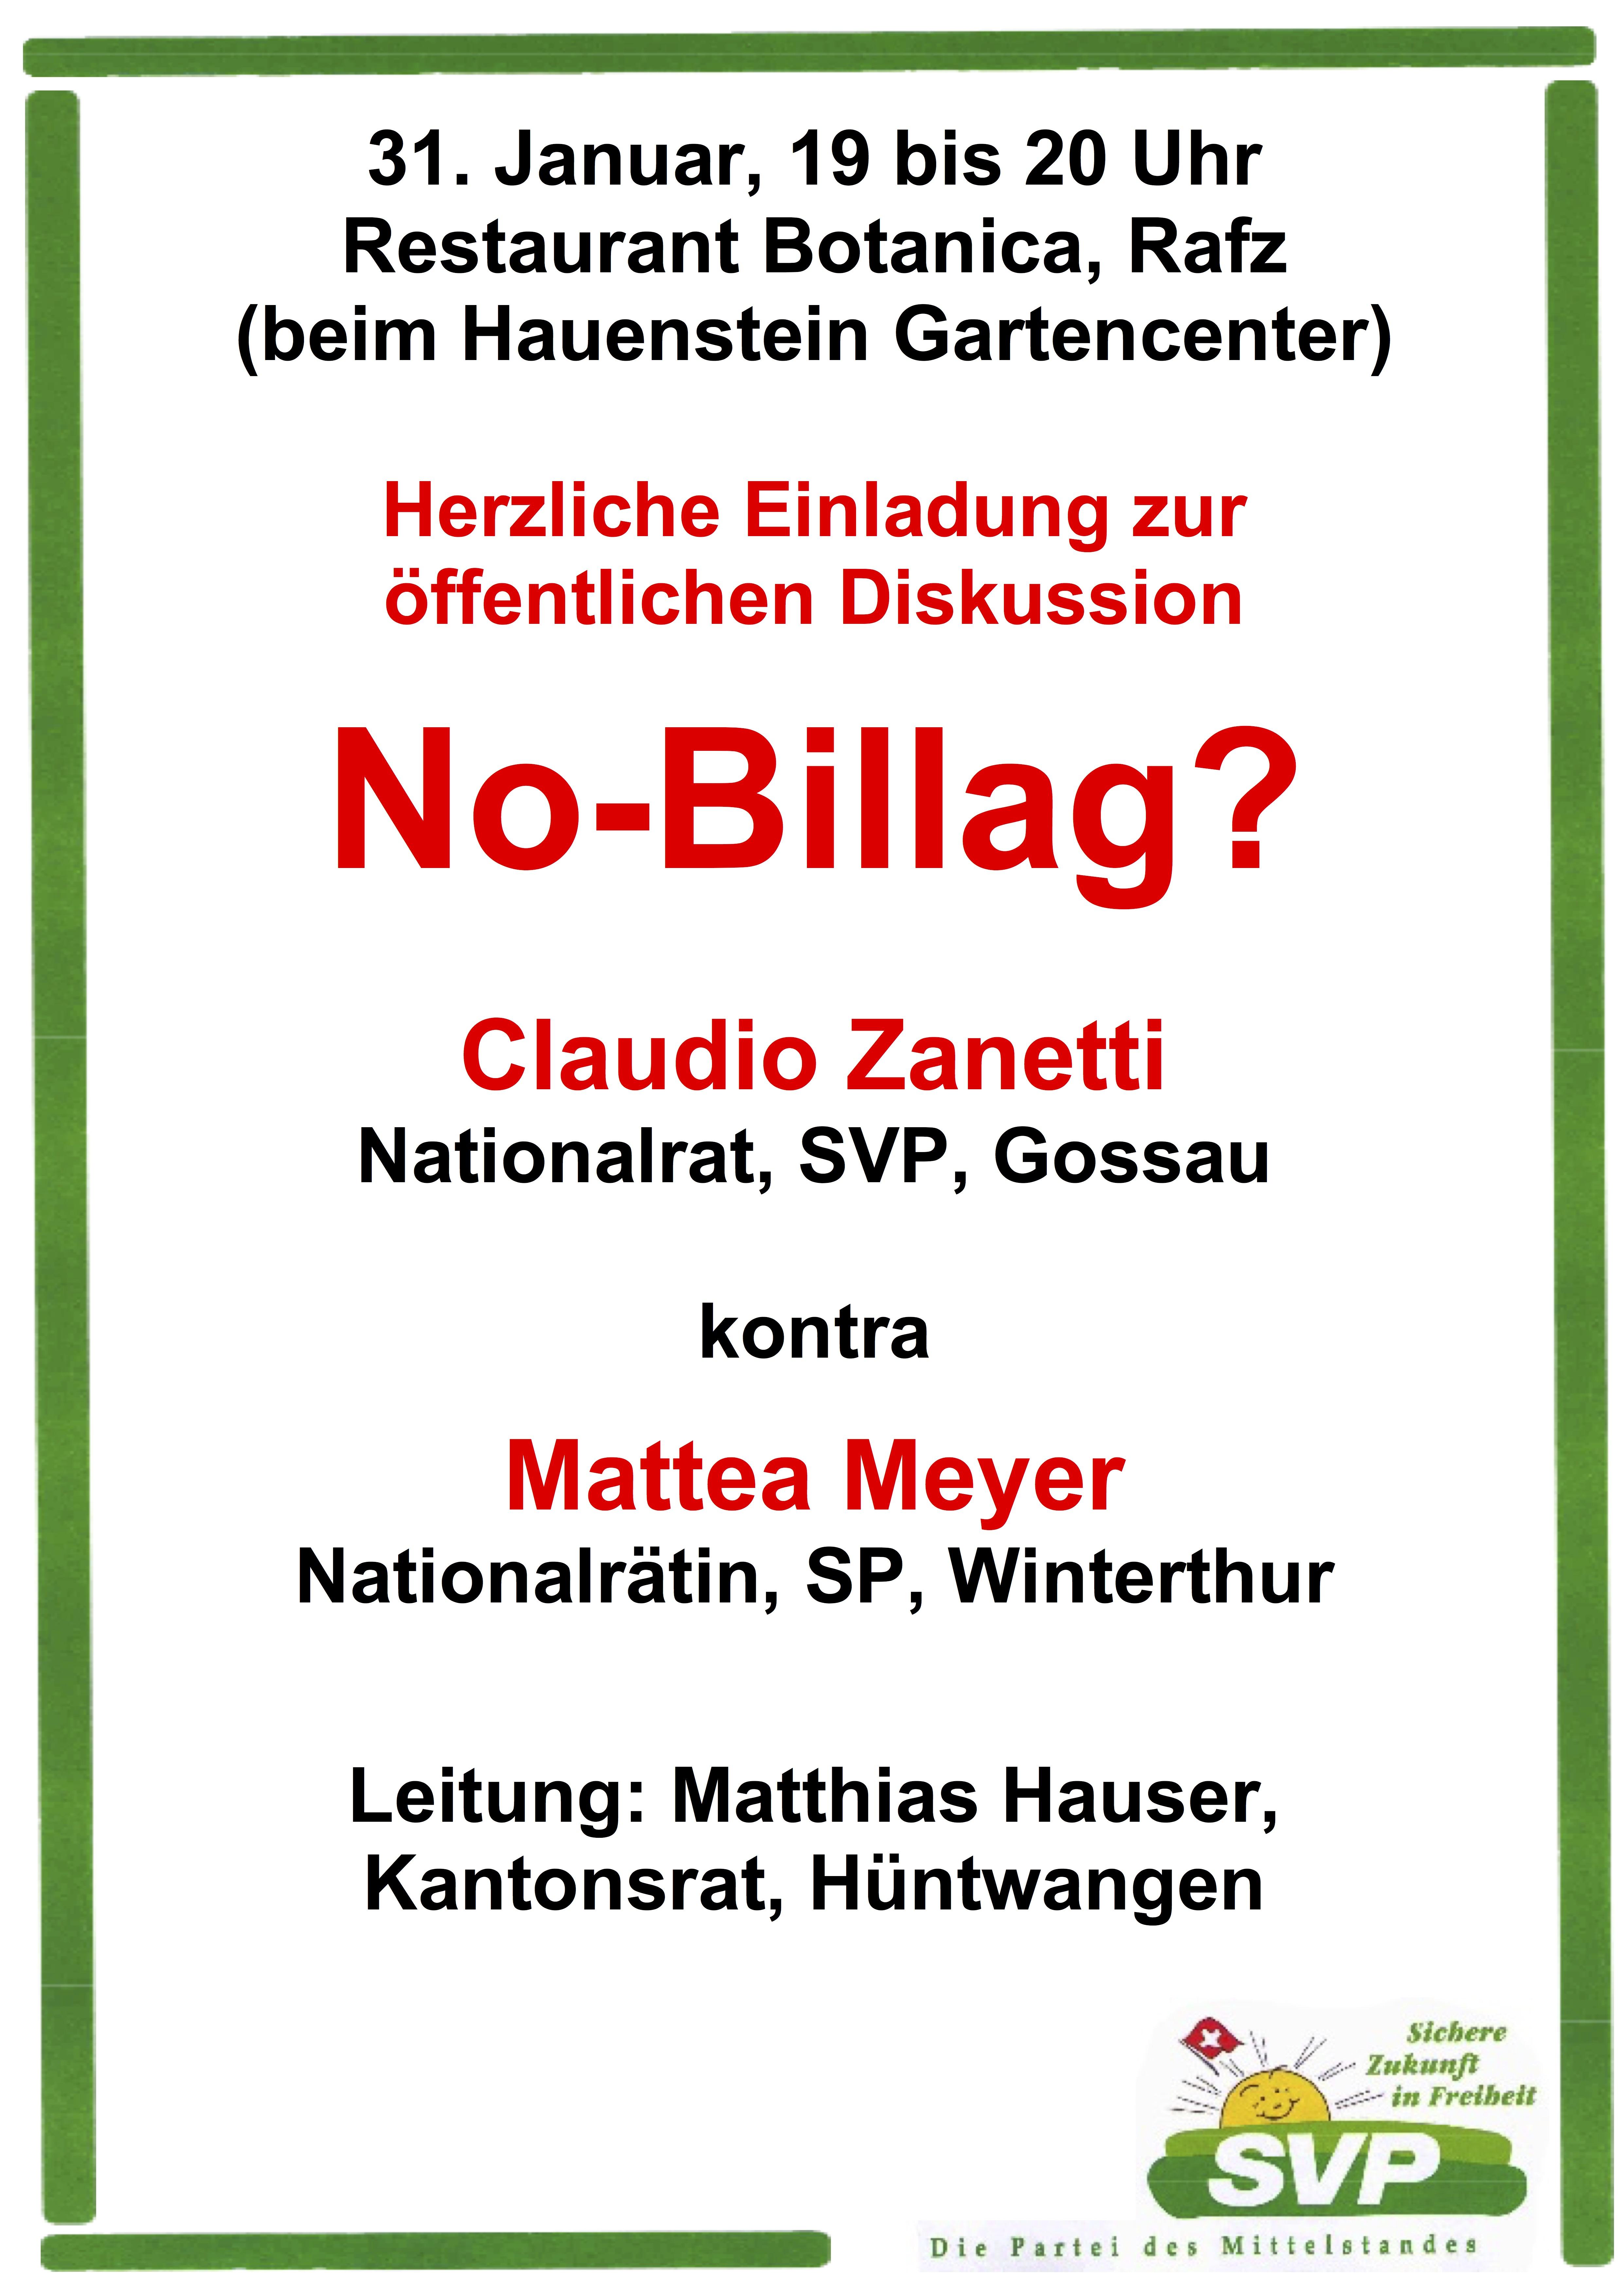 Charmant Schreibvorlagen Ks2 Zeitgenössisch - Entry Level Resume ...